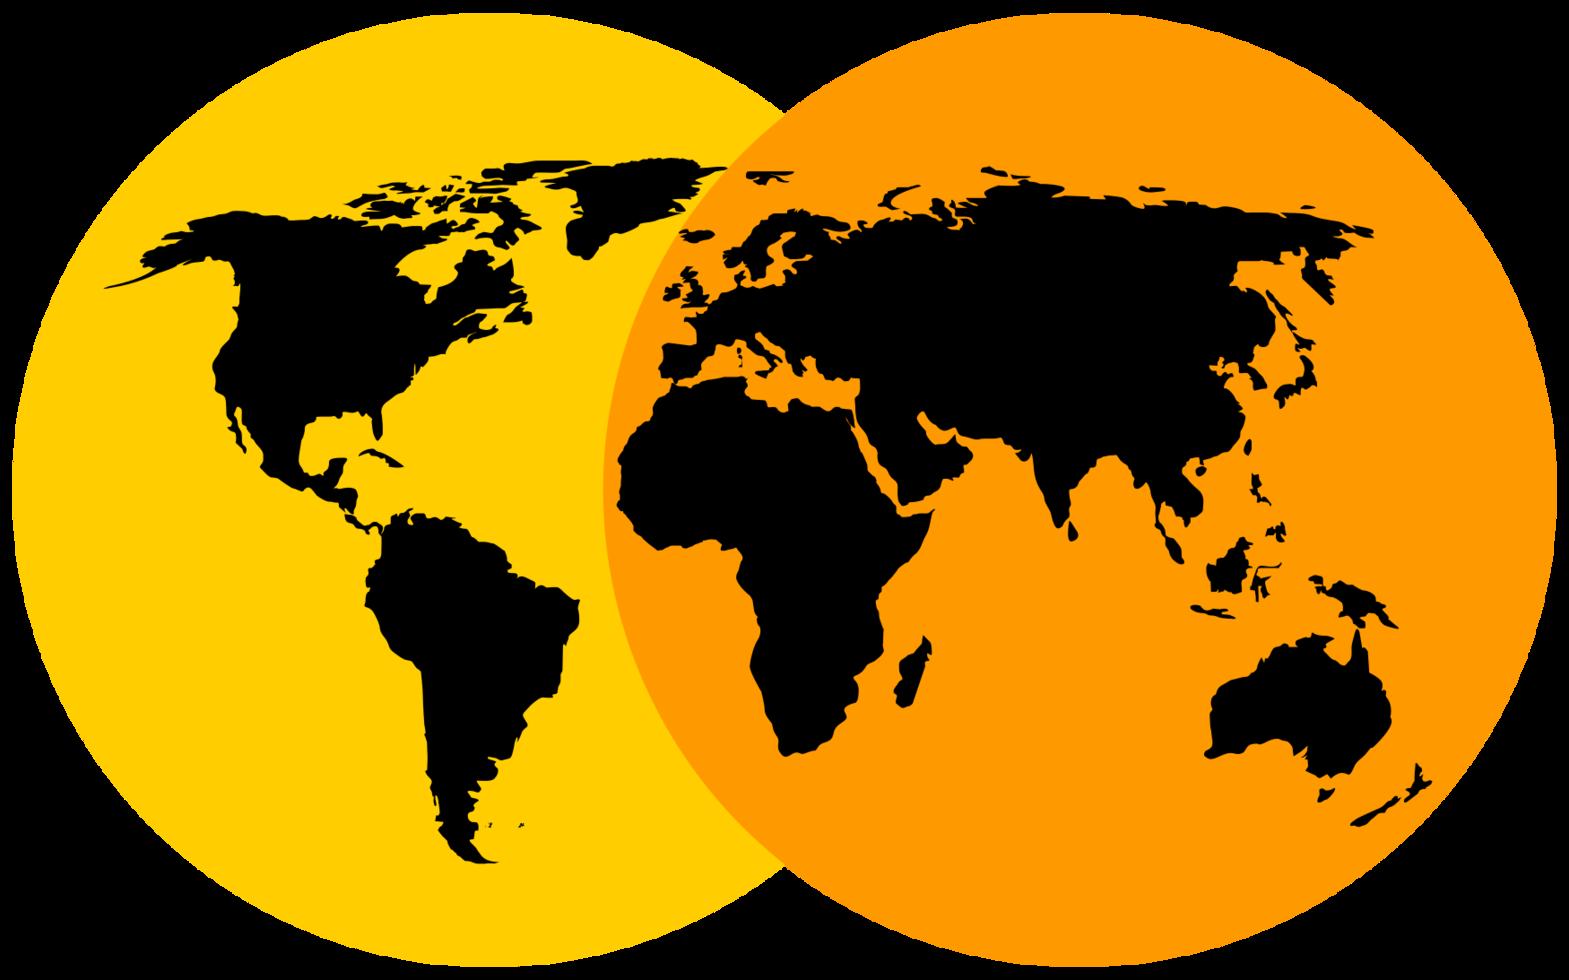 mapa mundial png